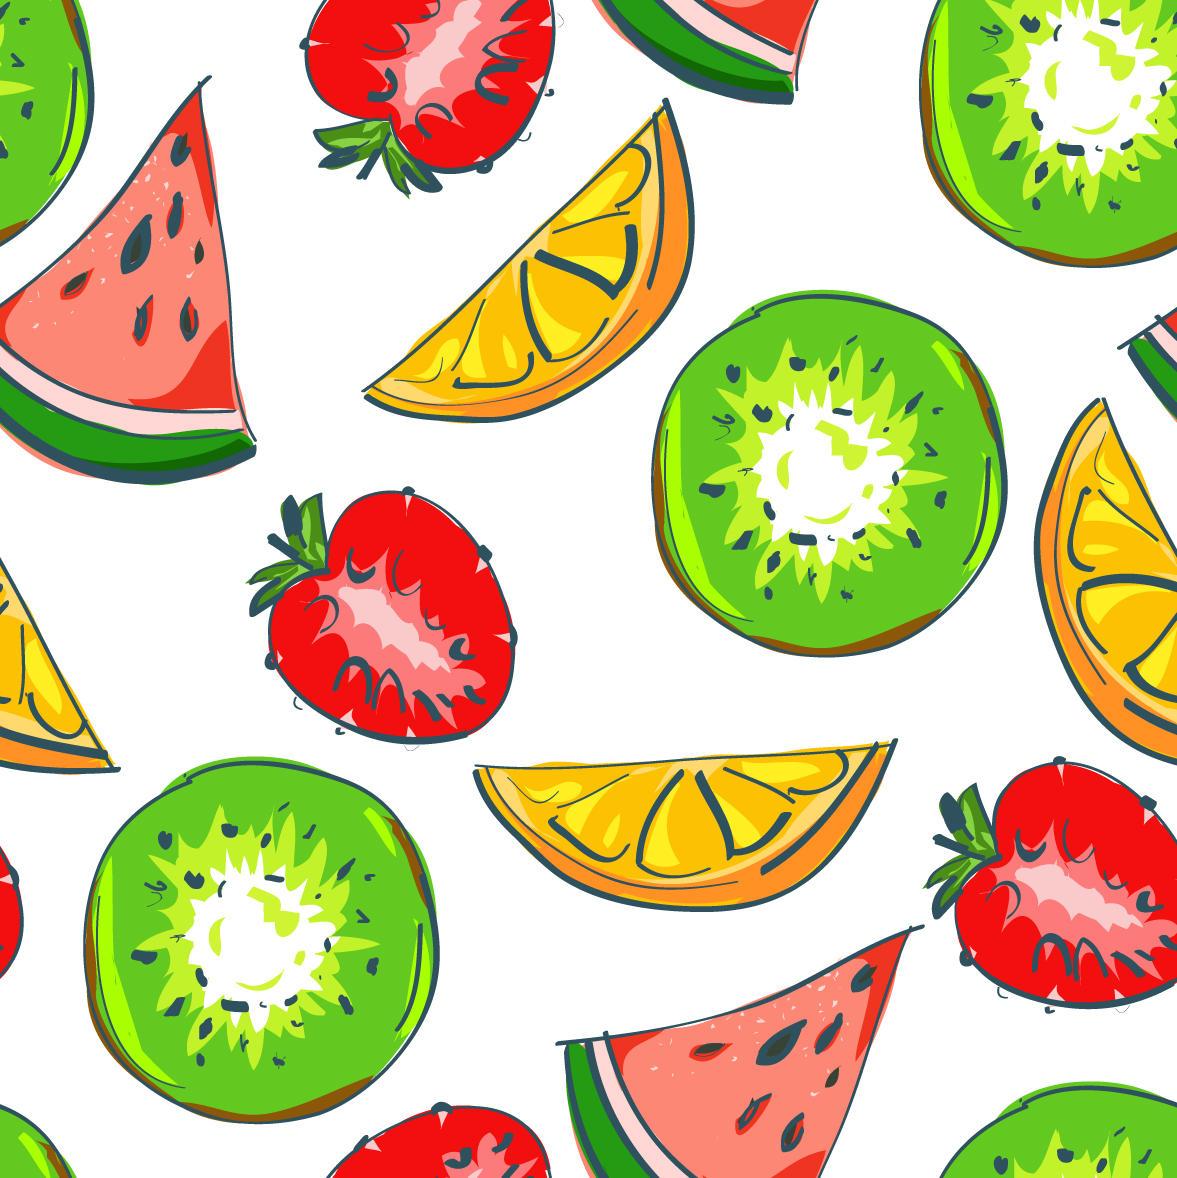 free fruits pattern by oxanaart on DeviantArt: oxanaart.deviantart.com/art/free-fruits-pattern-208844076